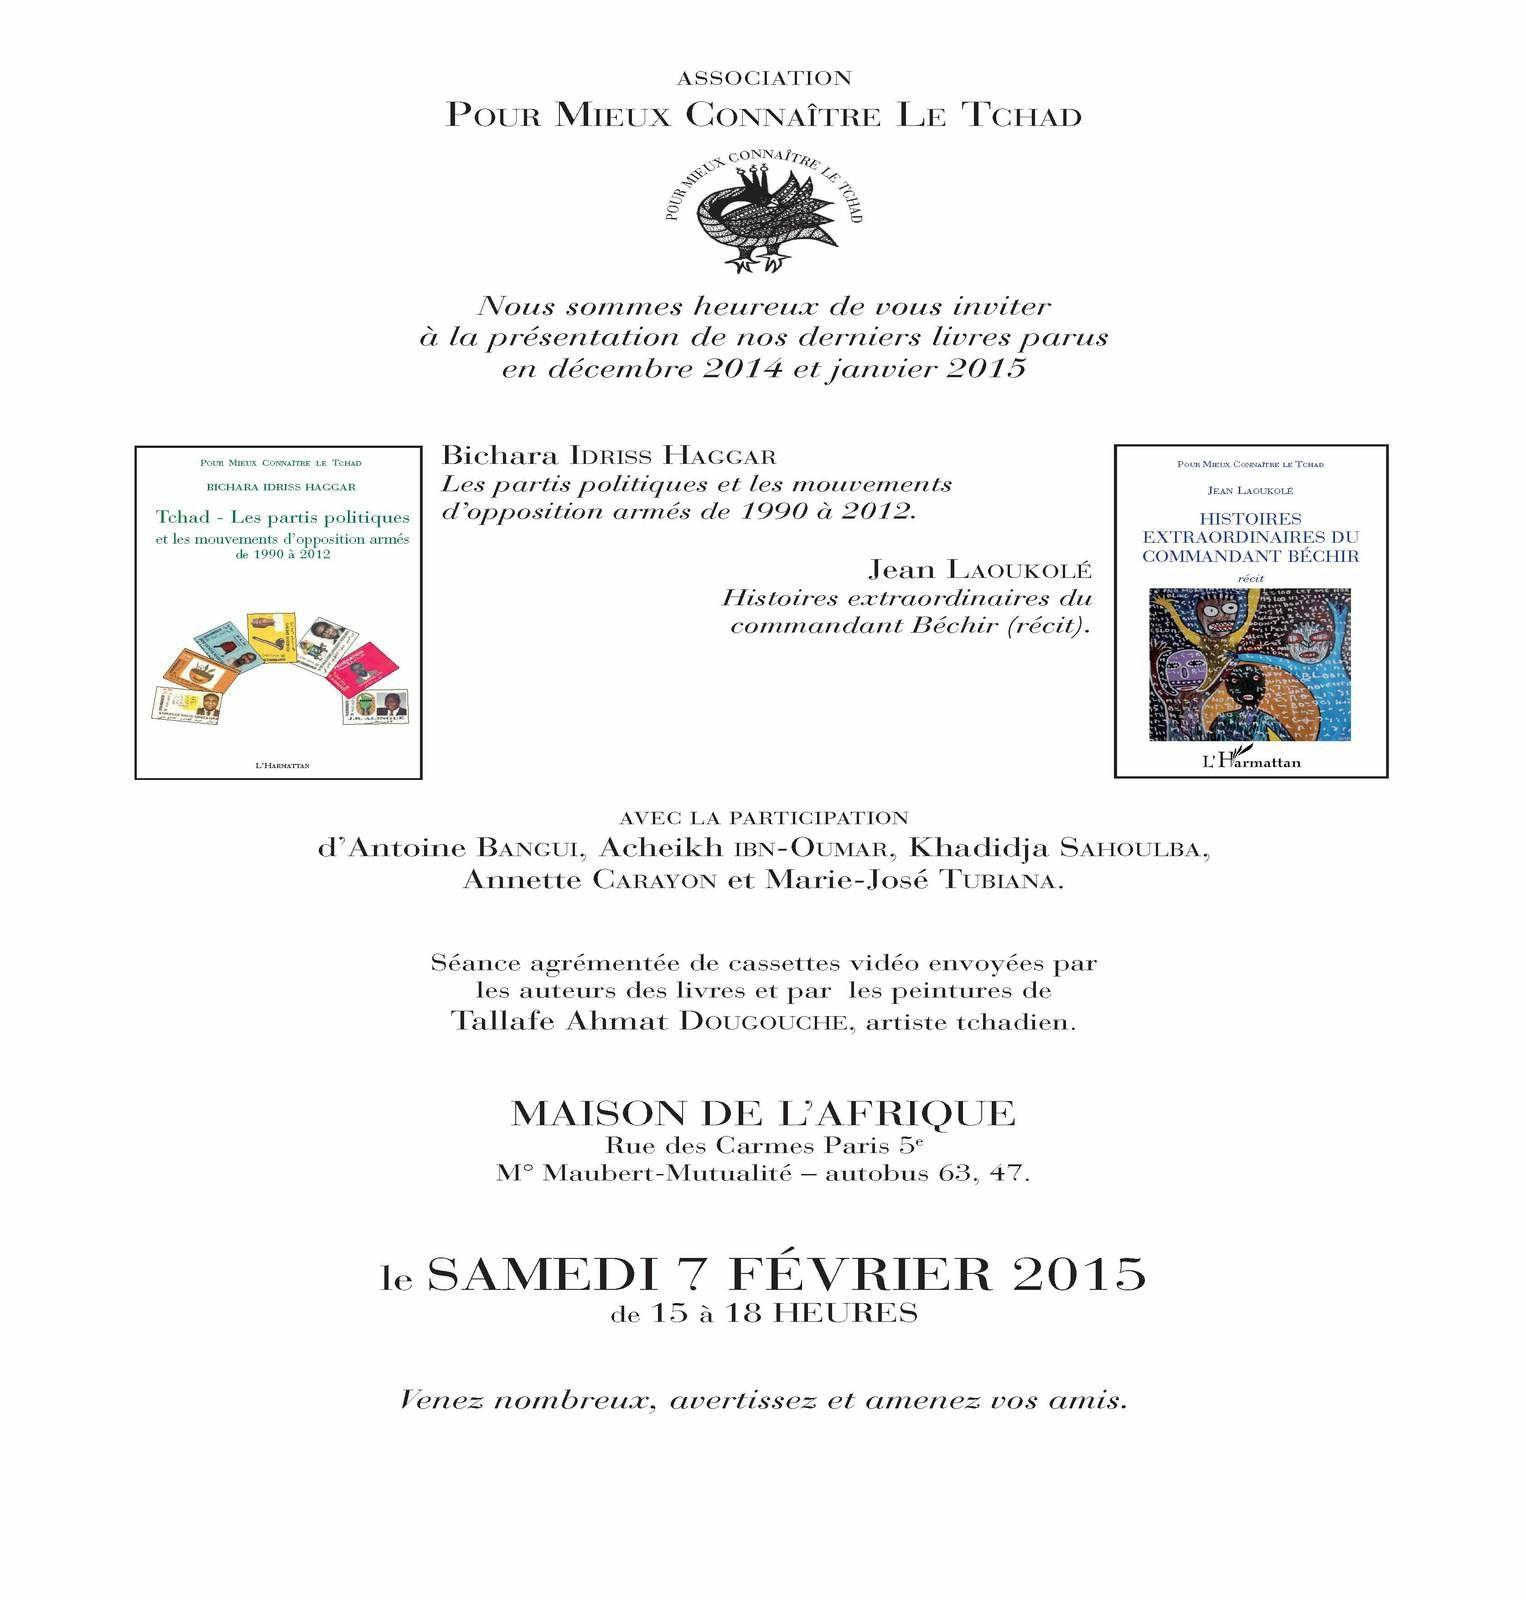 L'Association Pour Mieux Connaître Le Tchad présente les ouvrages du Dr Bichara Haggar et Jean Laoukolé